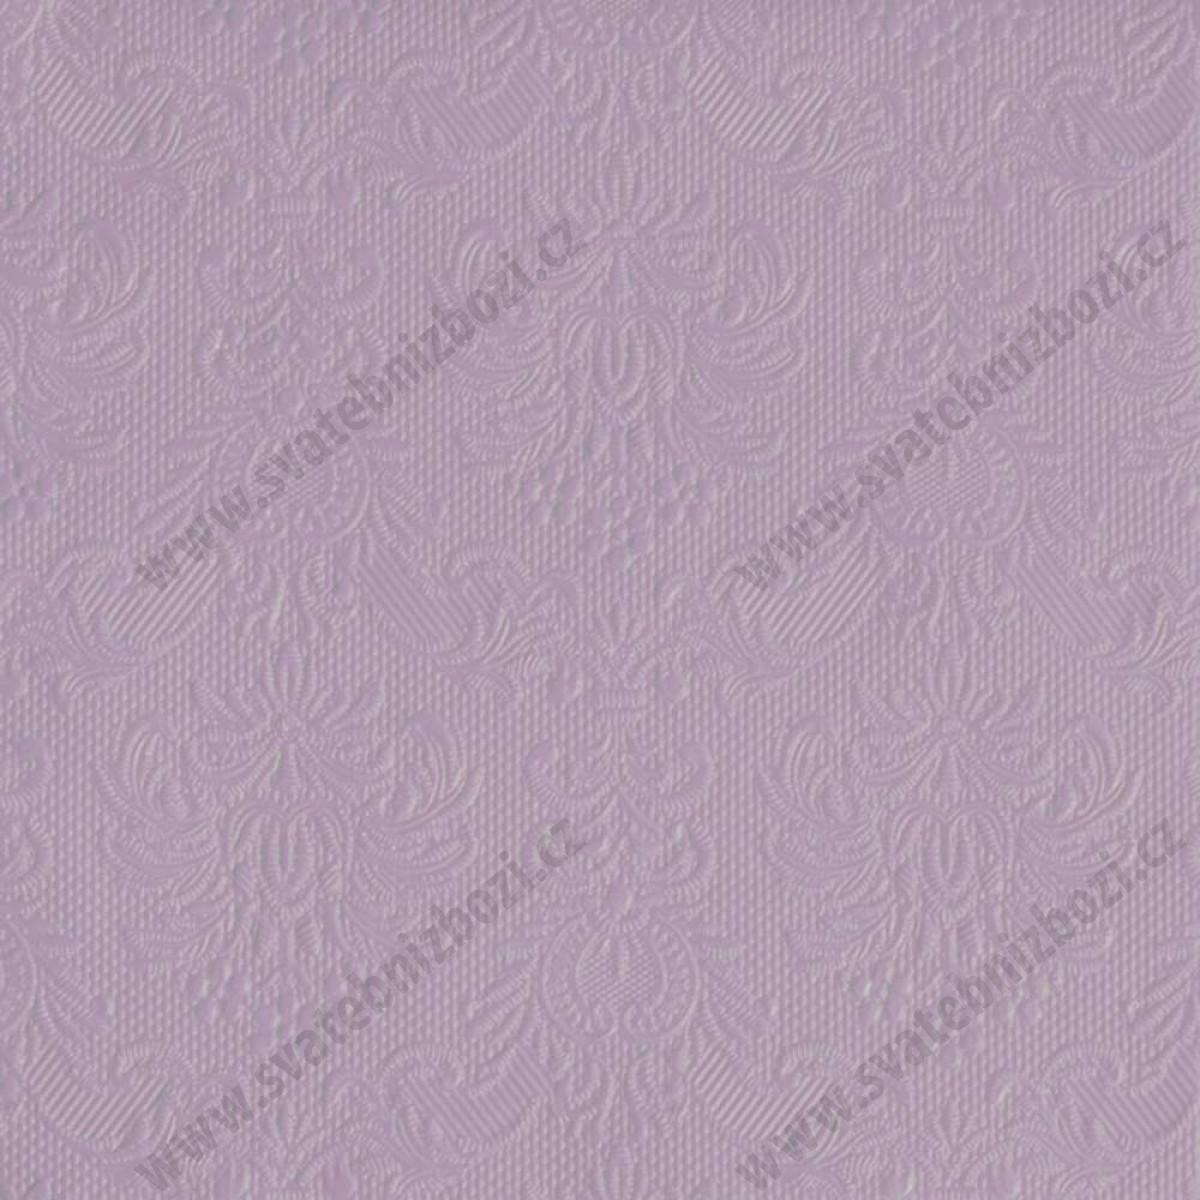 Svatebni Ubrousky Elegance 33 X 33 Cm Lila 15 Ks Bal Svatebni